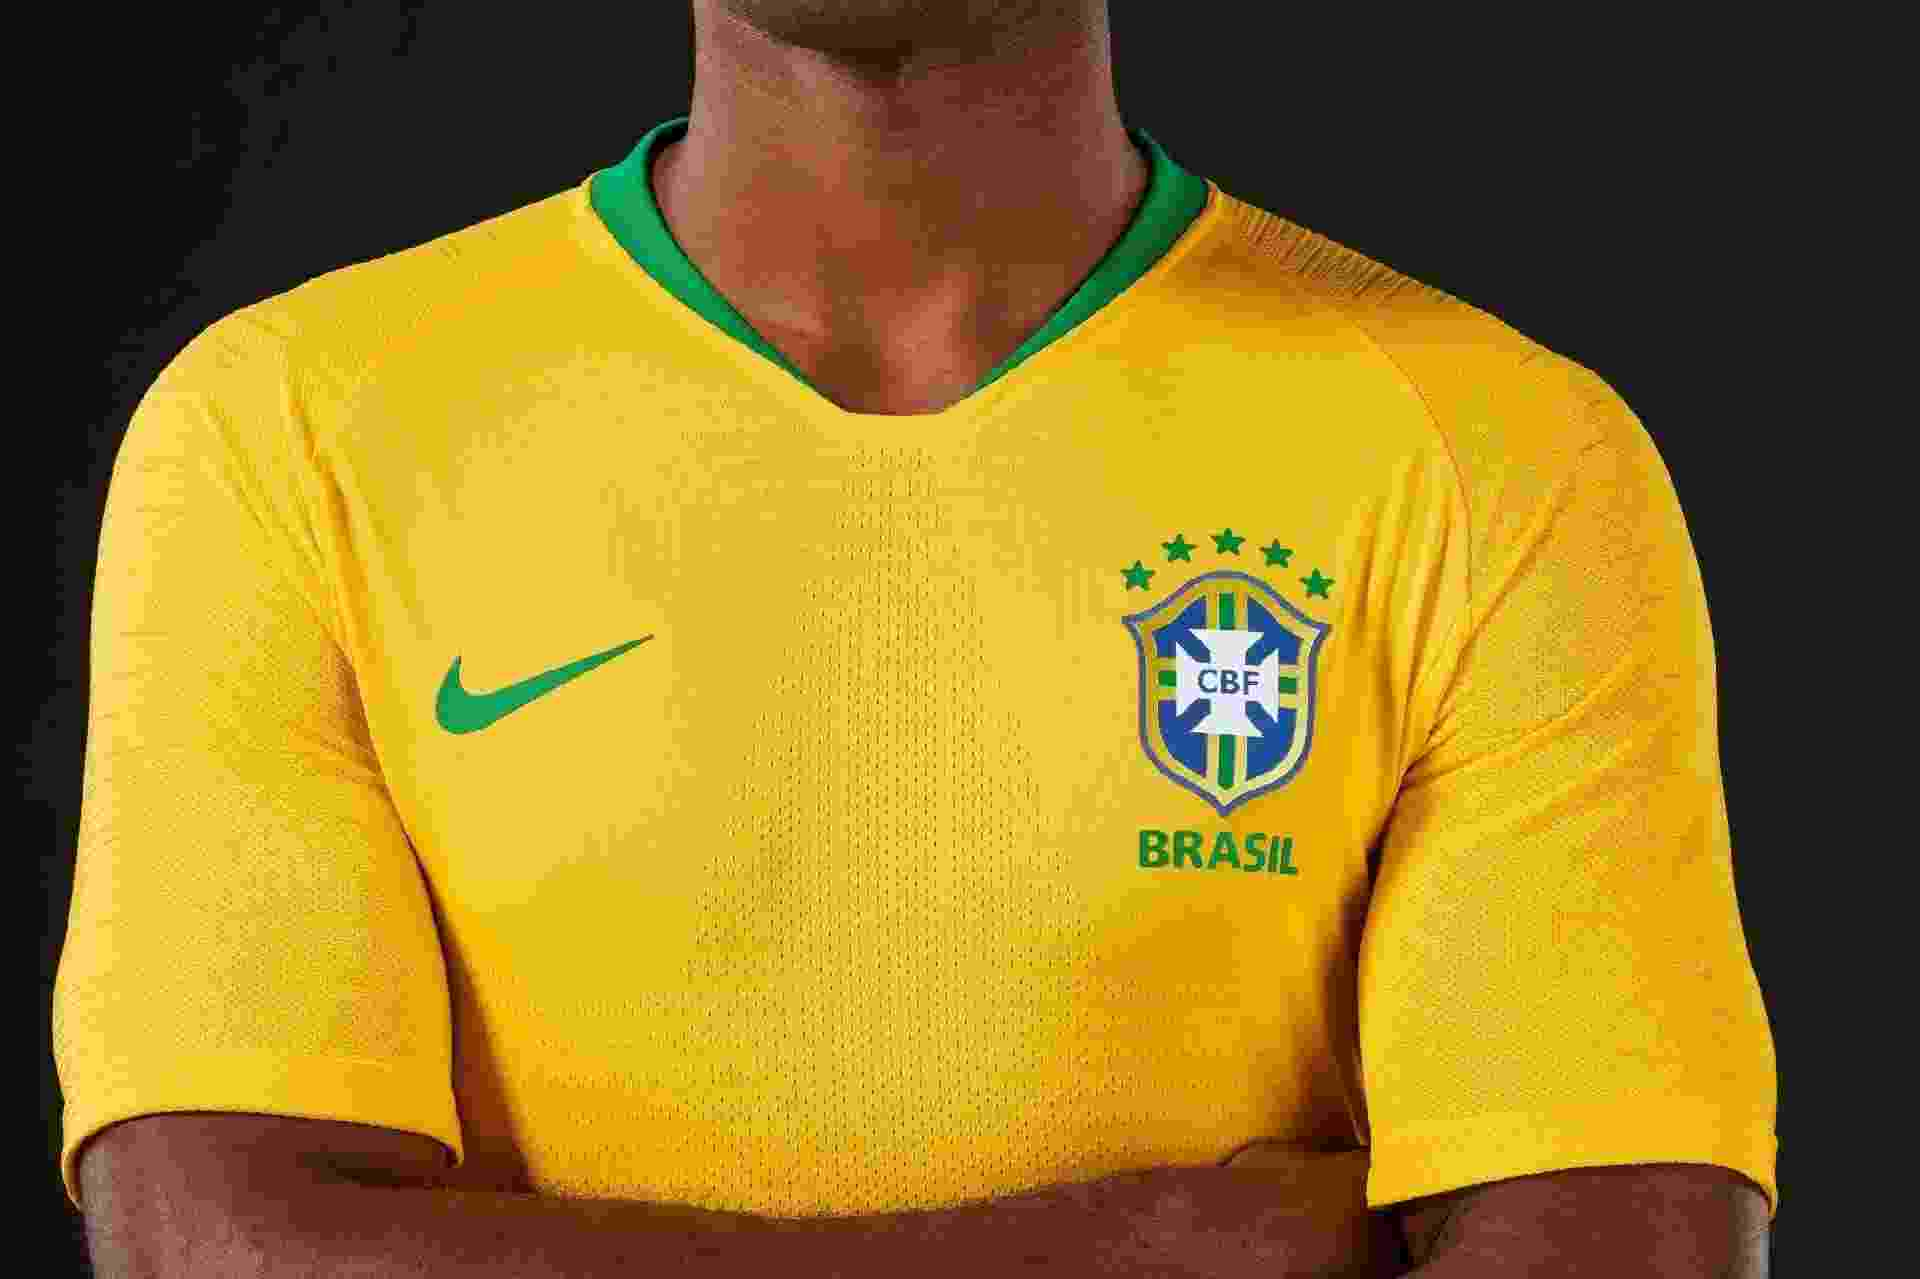 e5a7100279 Nike divulga fotos dos uniformes da seleção para a Copa do Mundo de ...